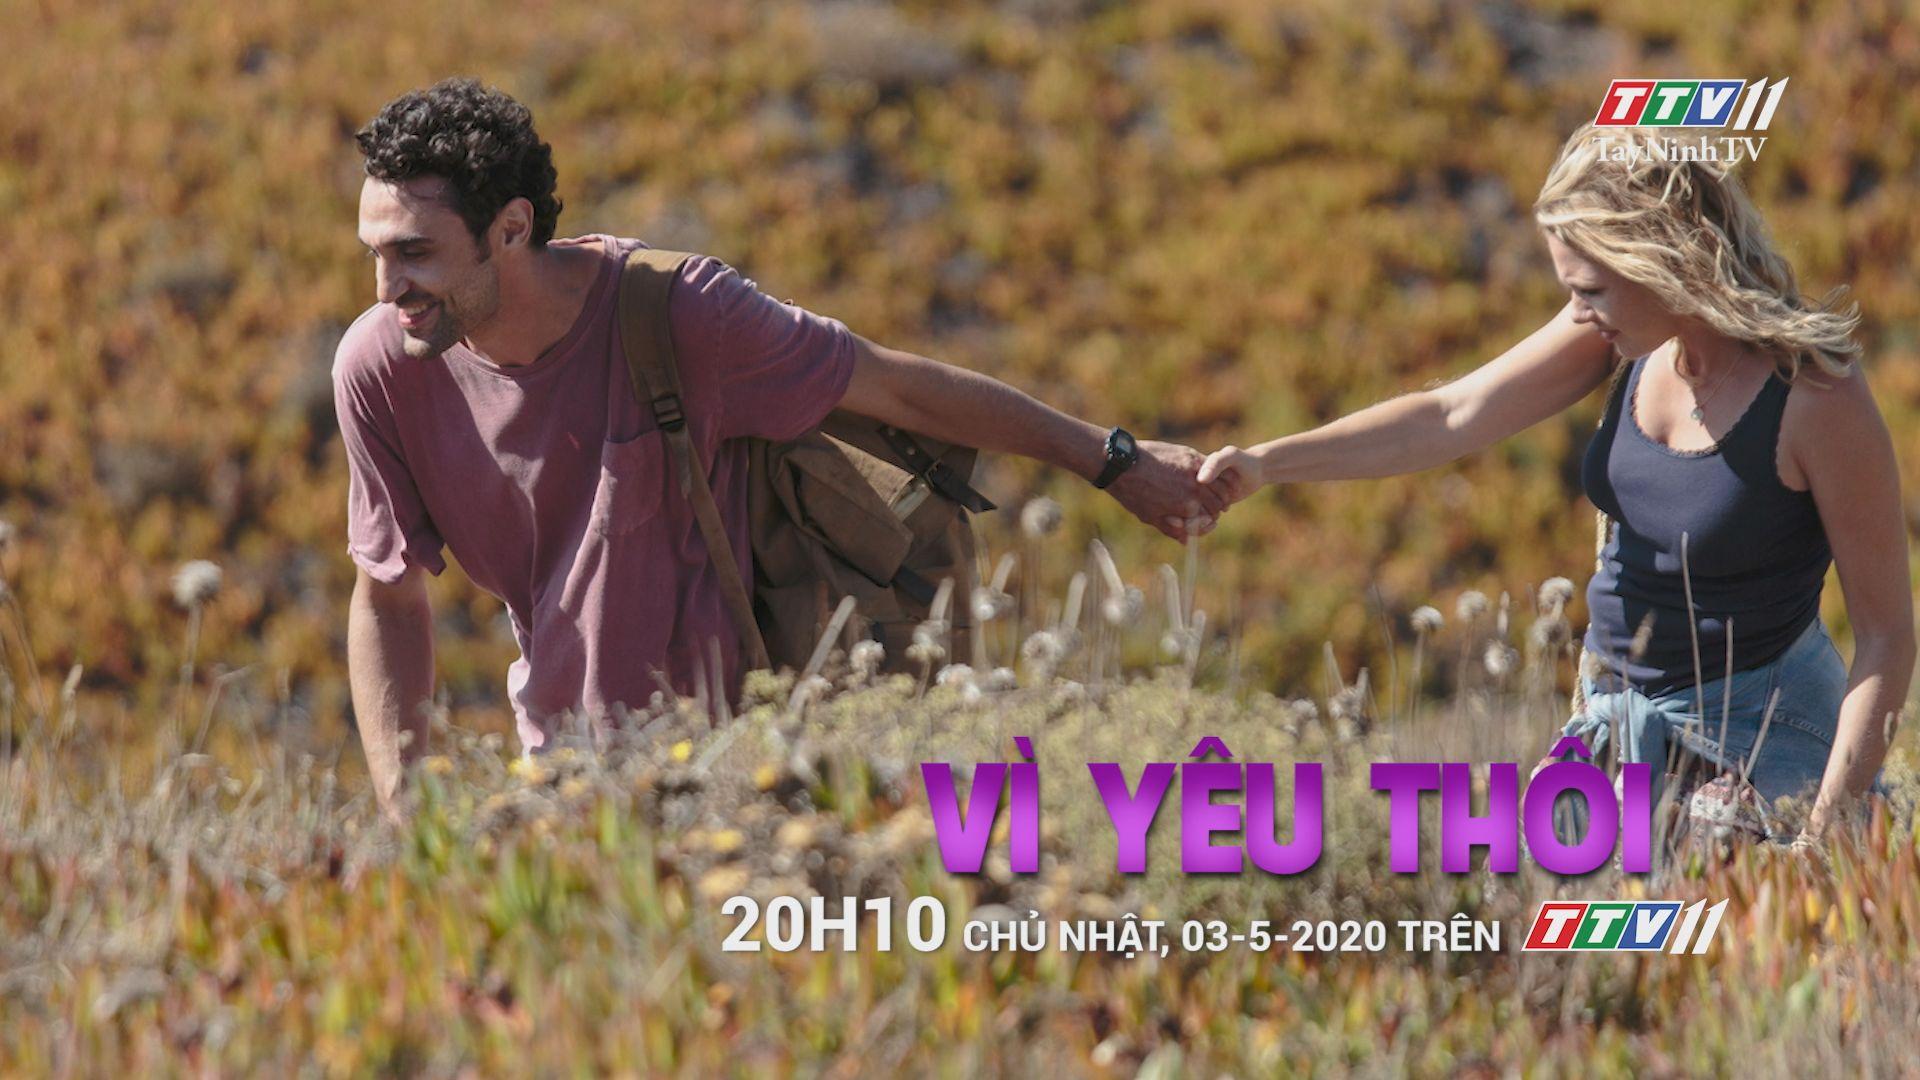 Vì yêu thôi - Trailer | PHIM CUỐI TUẦN | TayNinhTV